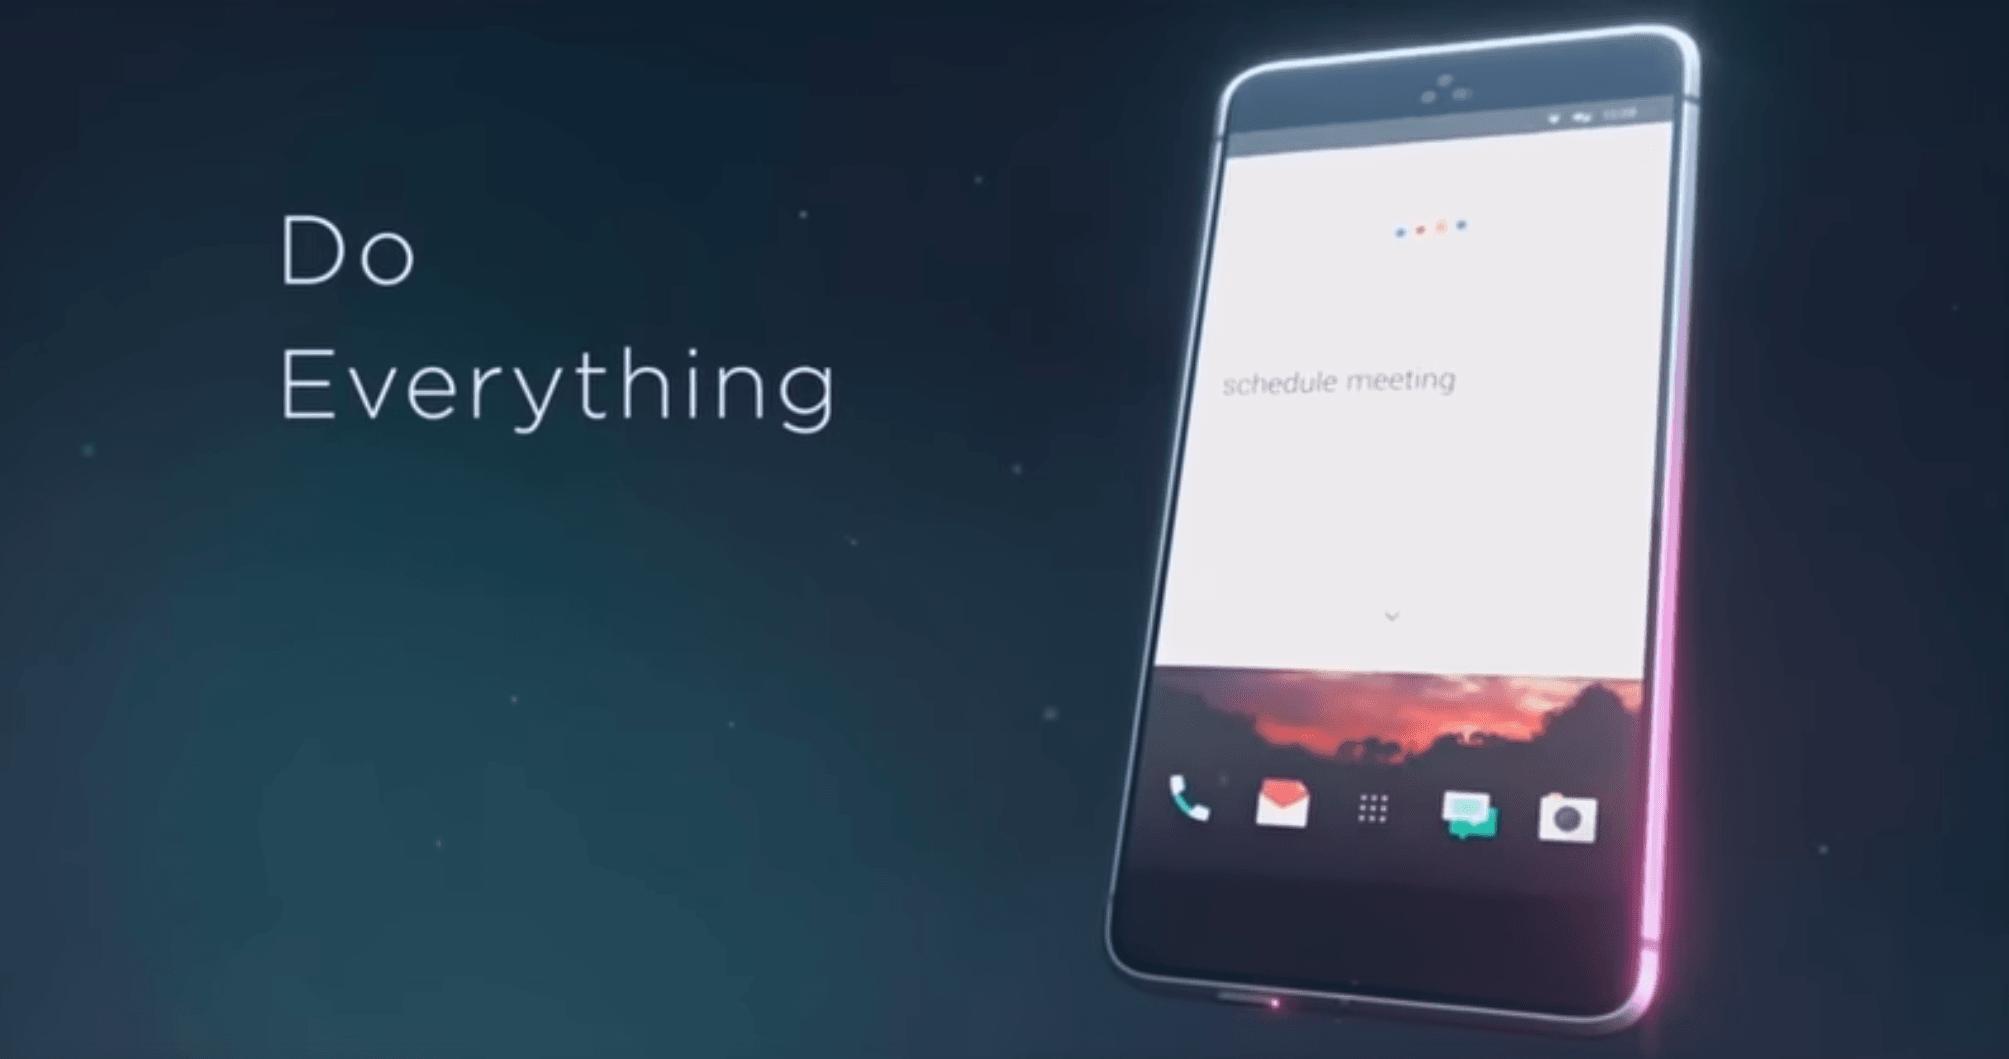 Część aplikacji HTC znika ze sklepu Google Play. To początek końca czy ukłon w stronę Android One?